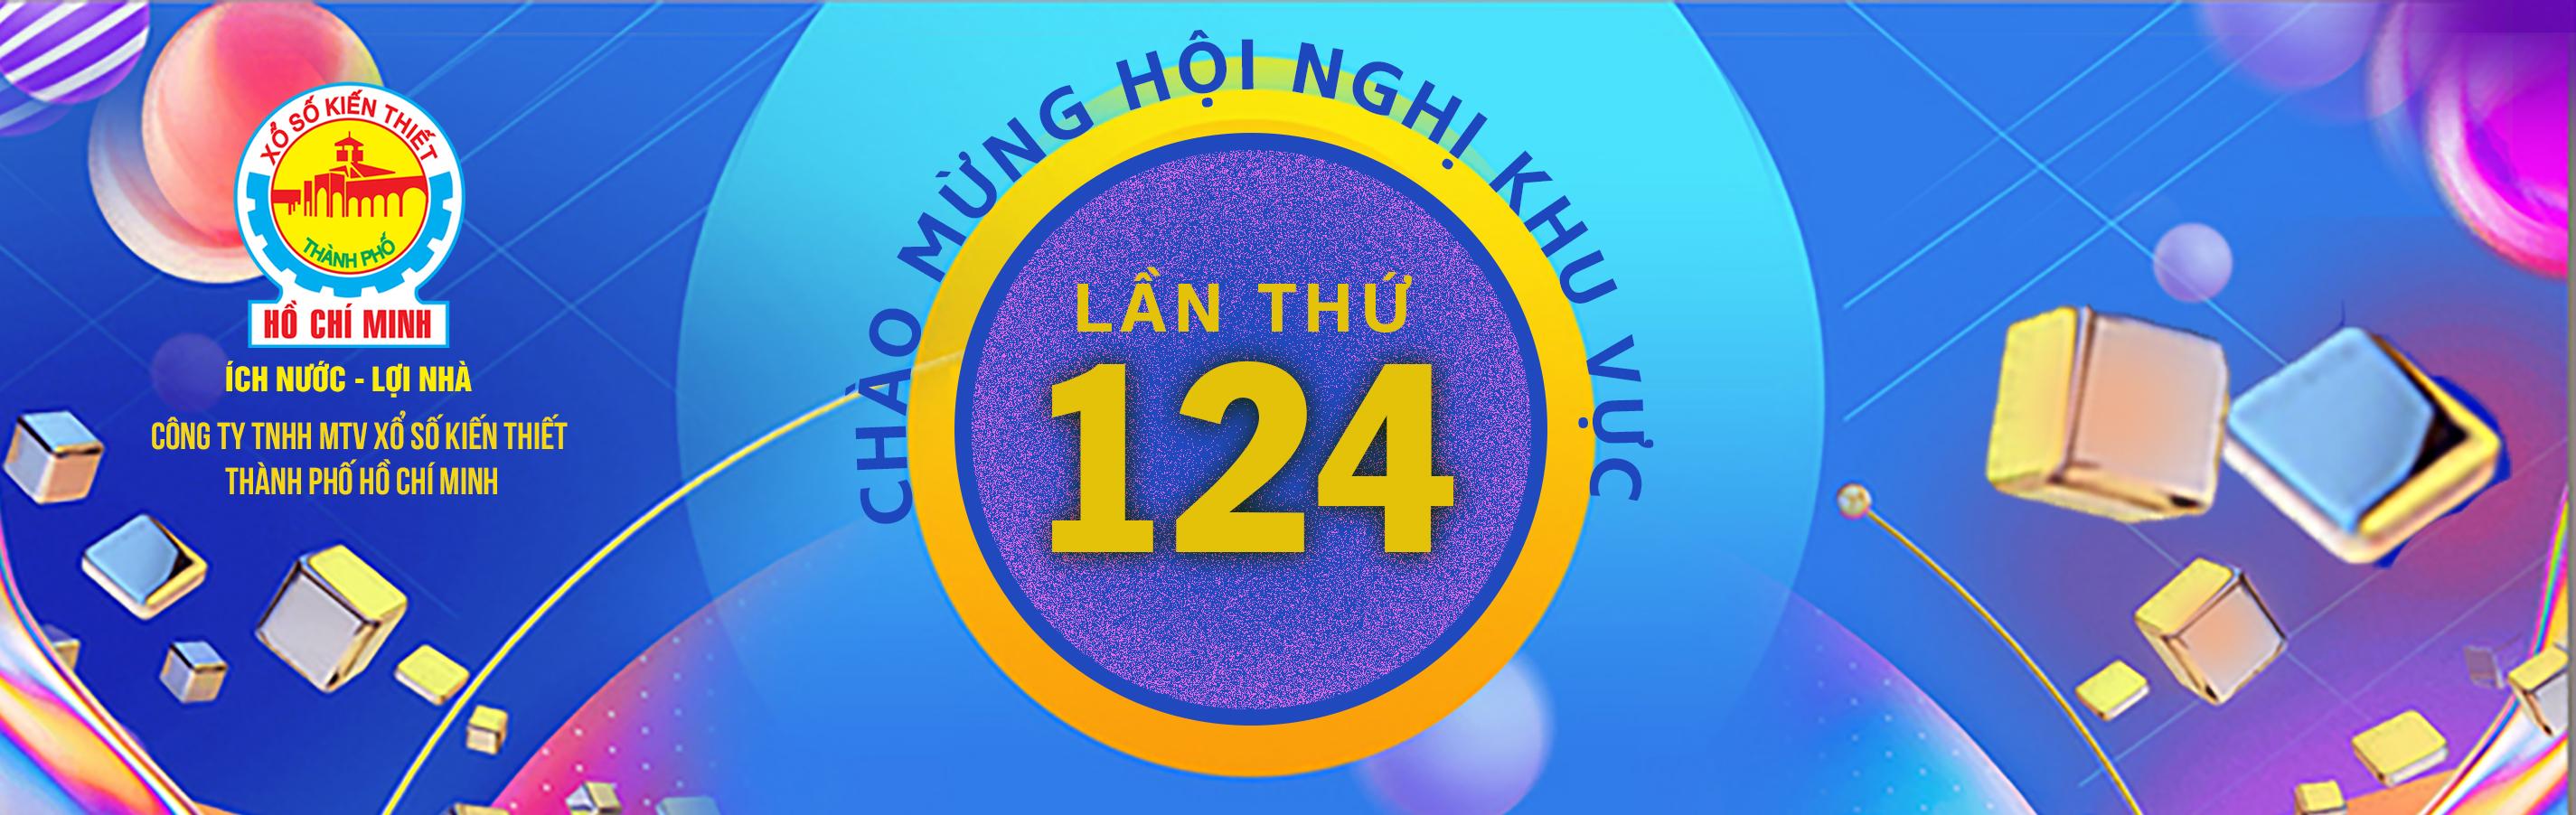 Chào mừng hội nghị khu vực lần thưs 123 - HCM